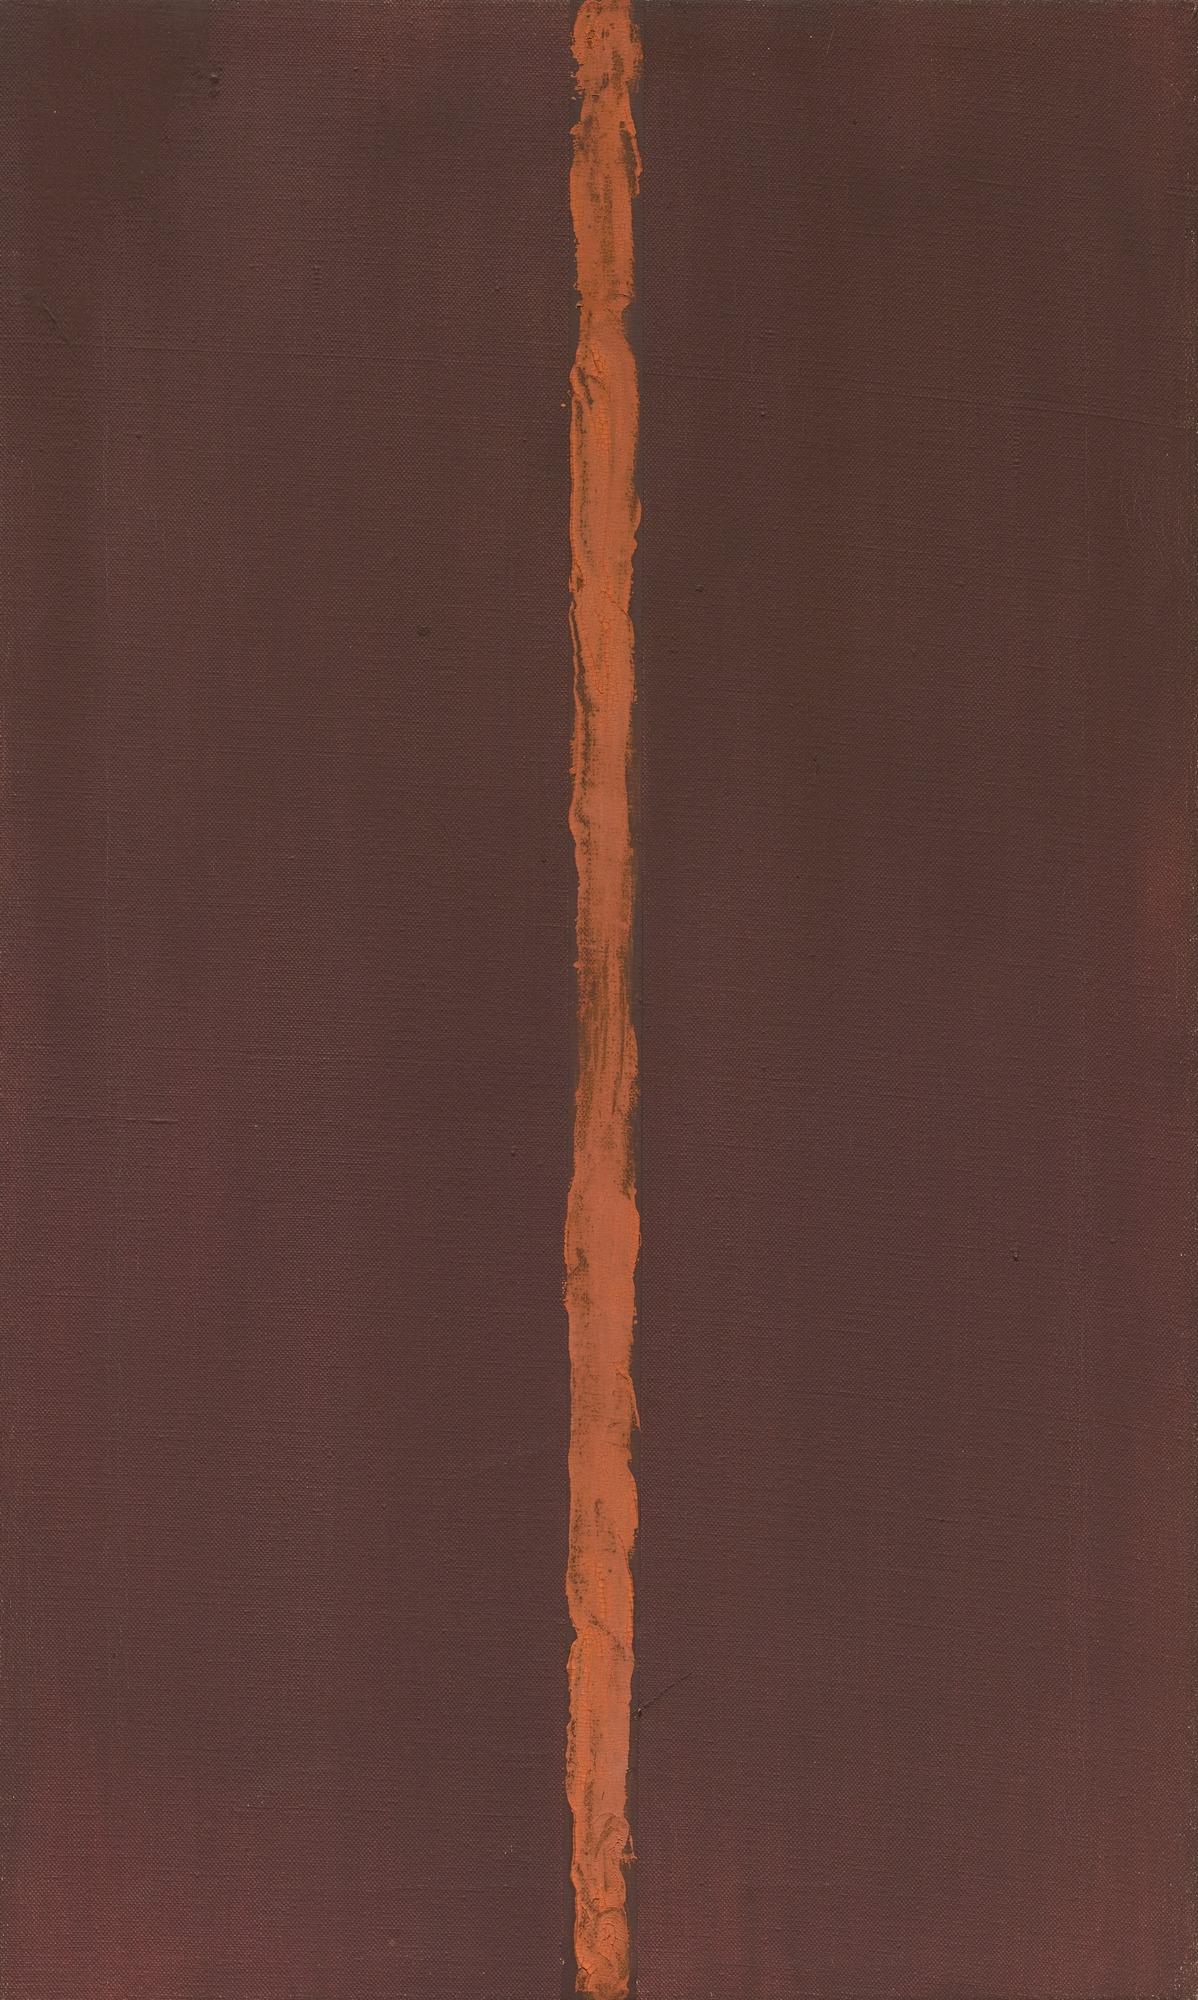 """Barnett Newman   Onement, I   1948  27 1/4 x 16 1/4""""  Museum of Modern Art"""